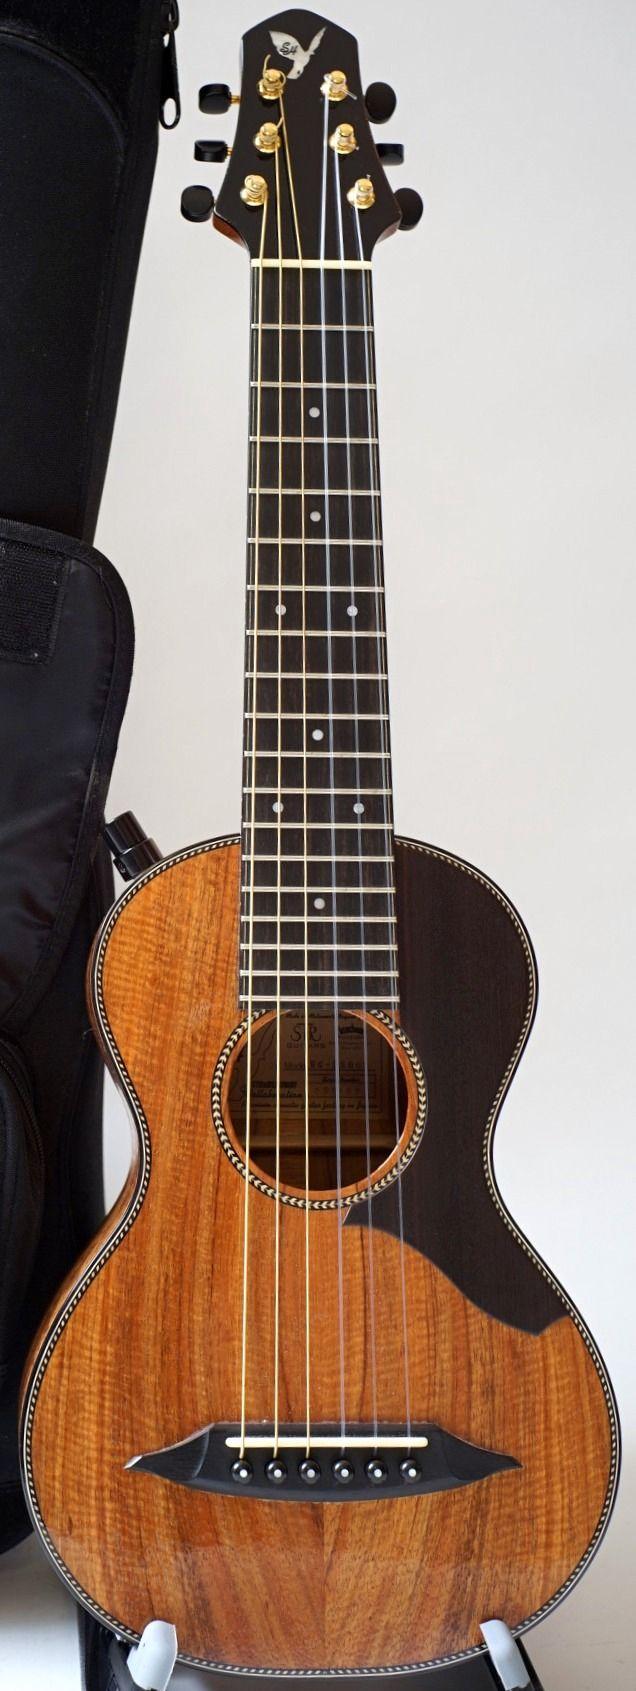 [Uke of the day 2016] STR Guitars SH Guitalele --- https://www.pinterest.com/lardyfatboy/